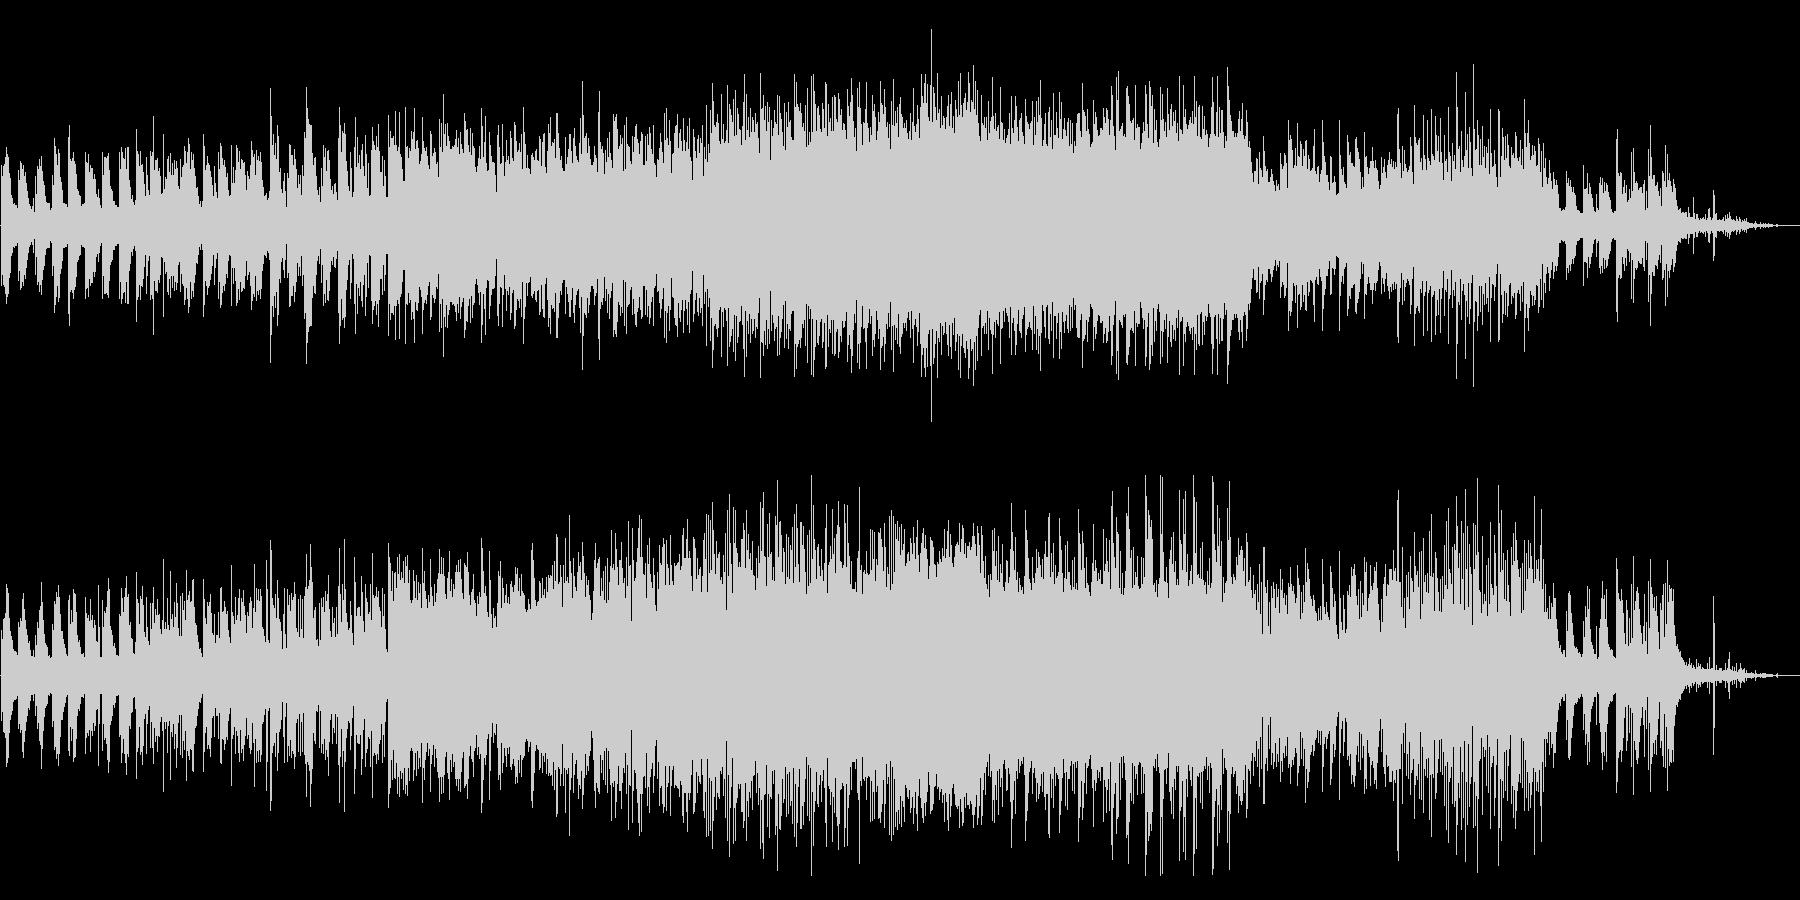 ピアノ/エレクトロニカ//不思議/雨の未再生の波形